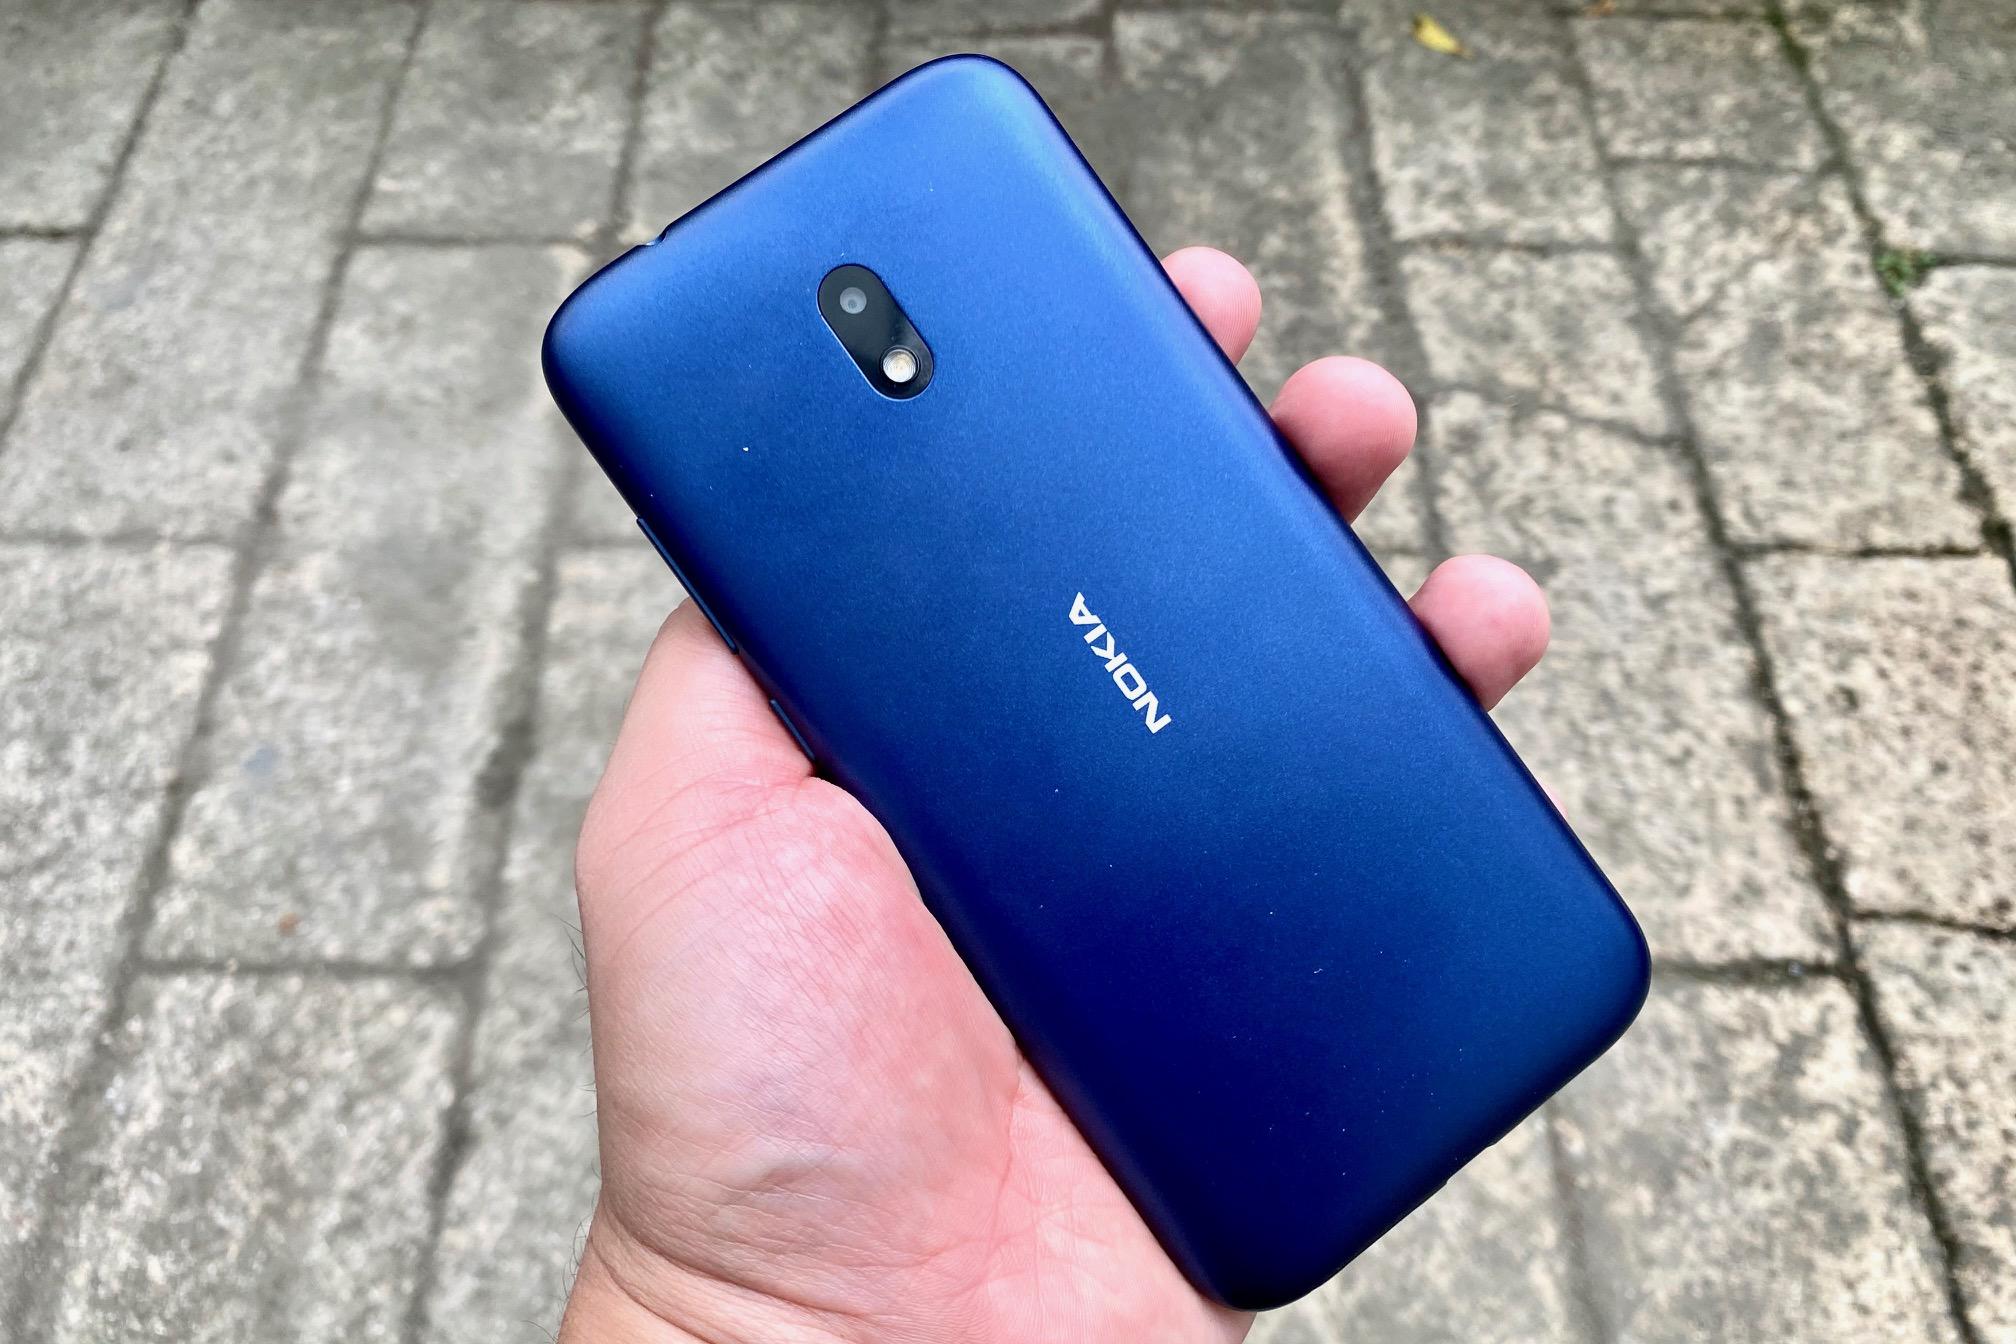 Nokia C1 Plus Review: Camera